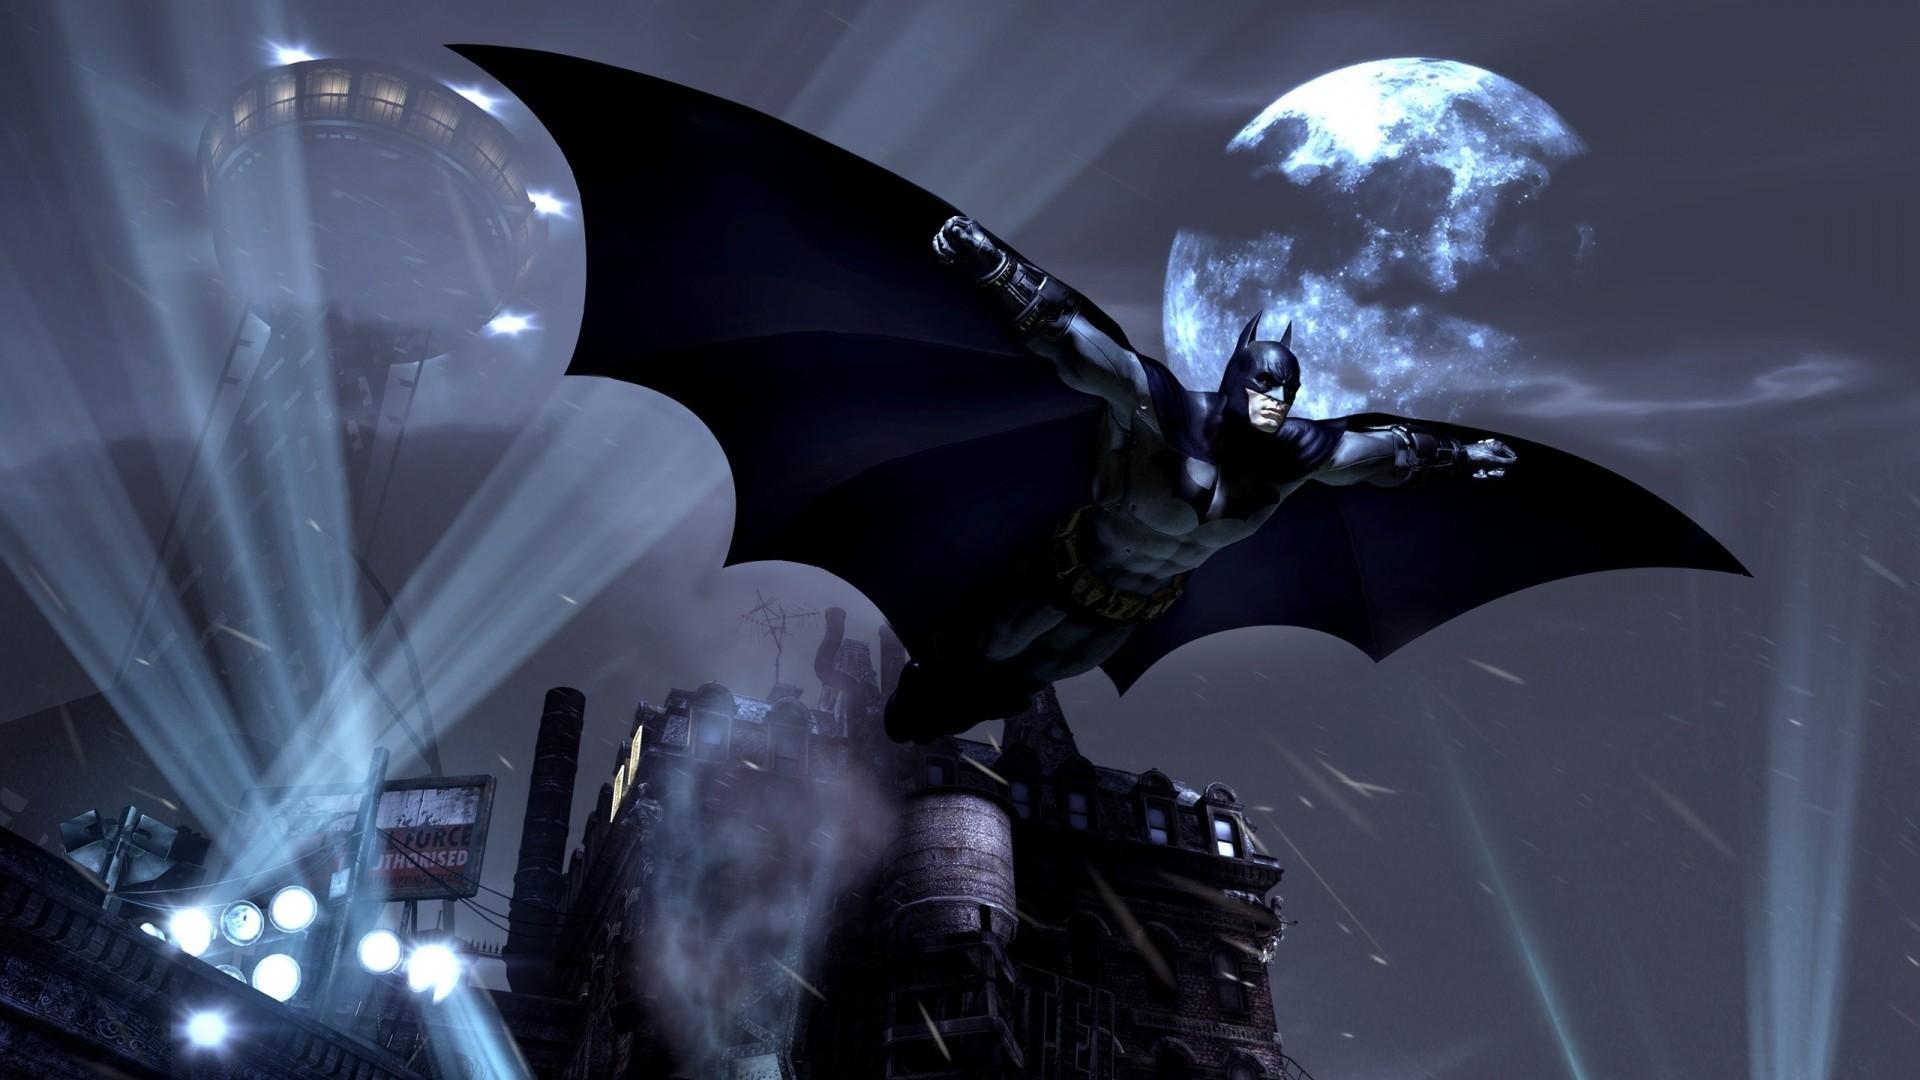 Batman HD Desktop Wallpaper 1920x1080 (78+ Images